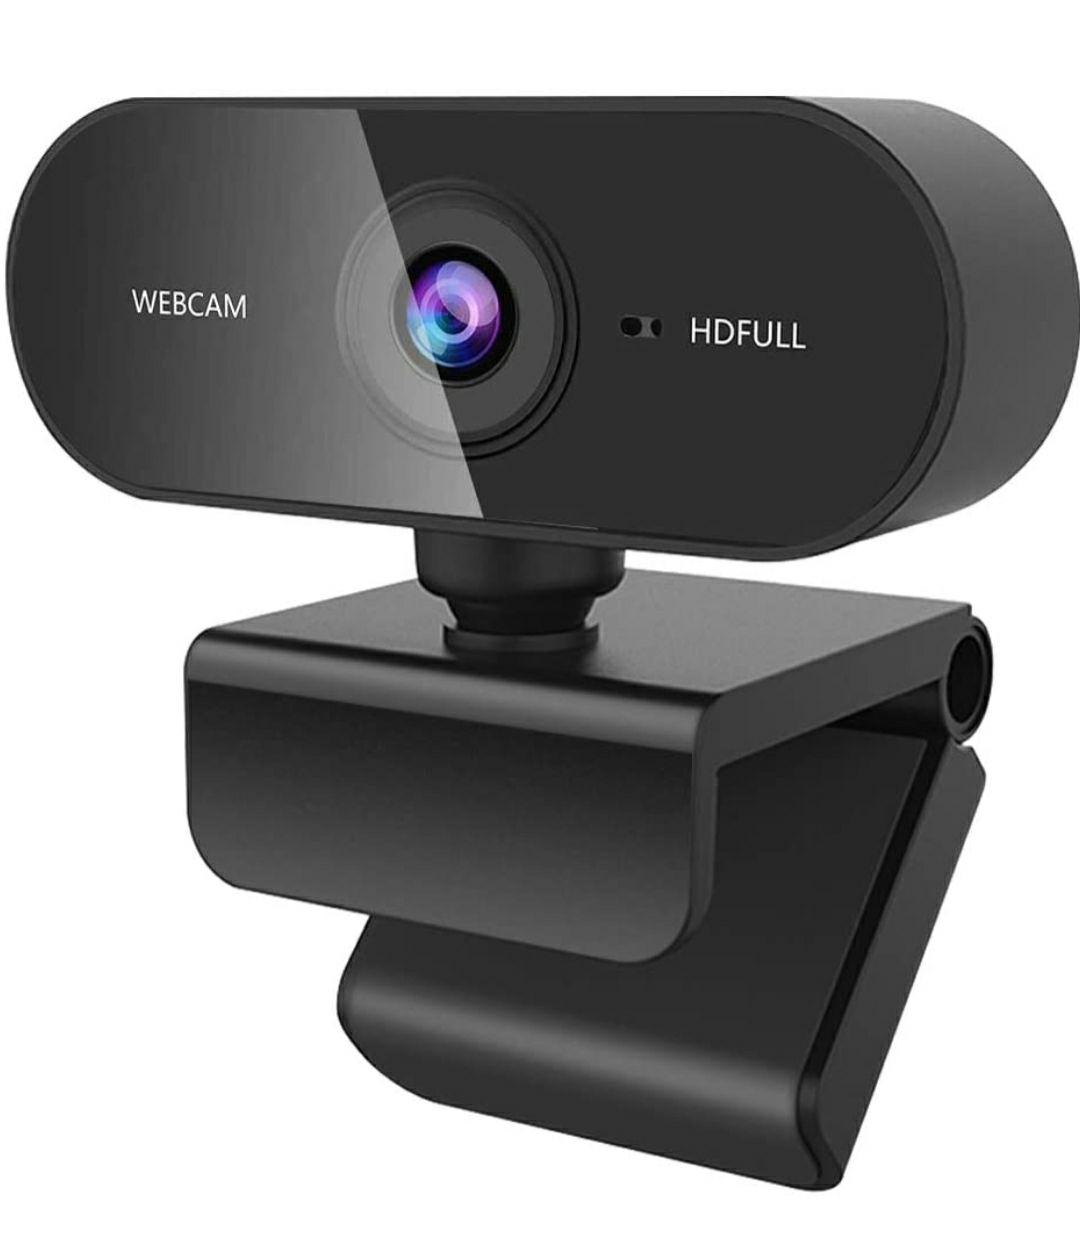 Guijiyi Webcam per PC, Full HD Webcam 1080p